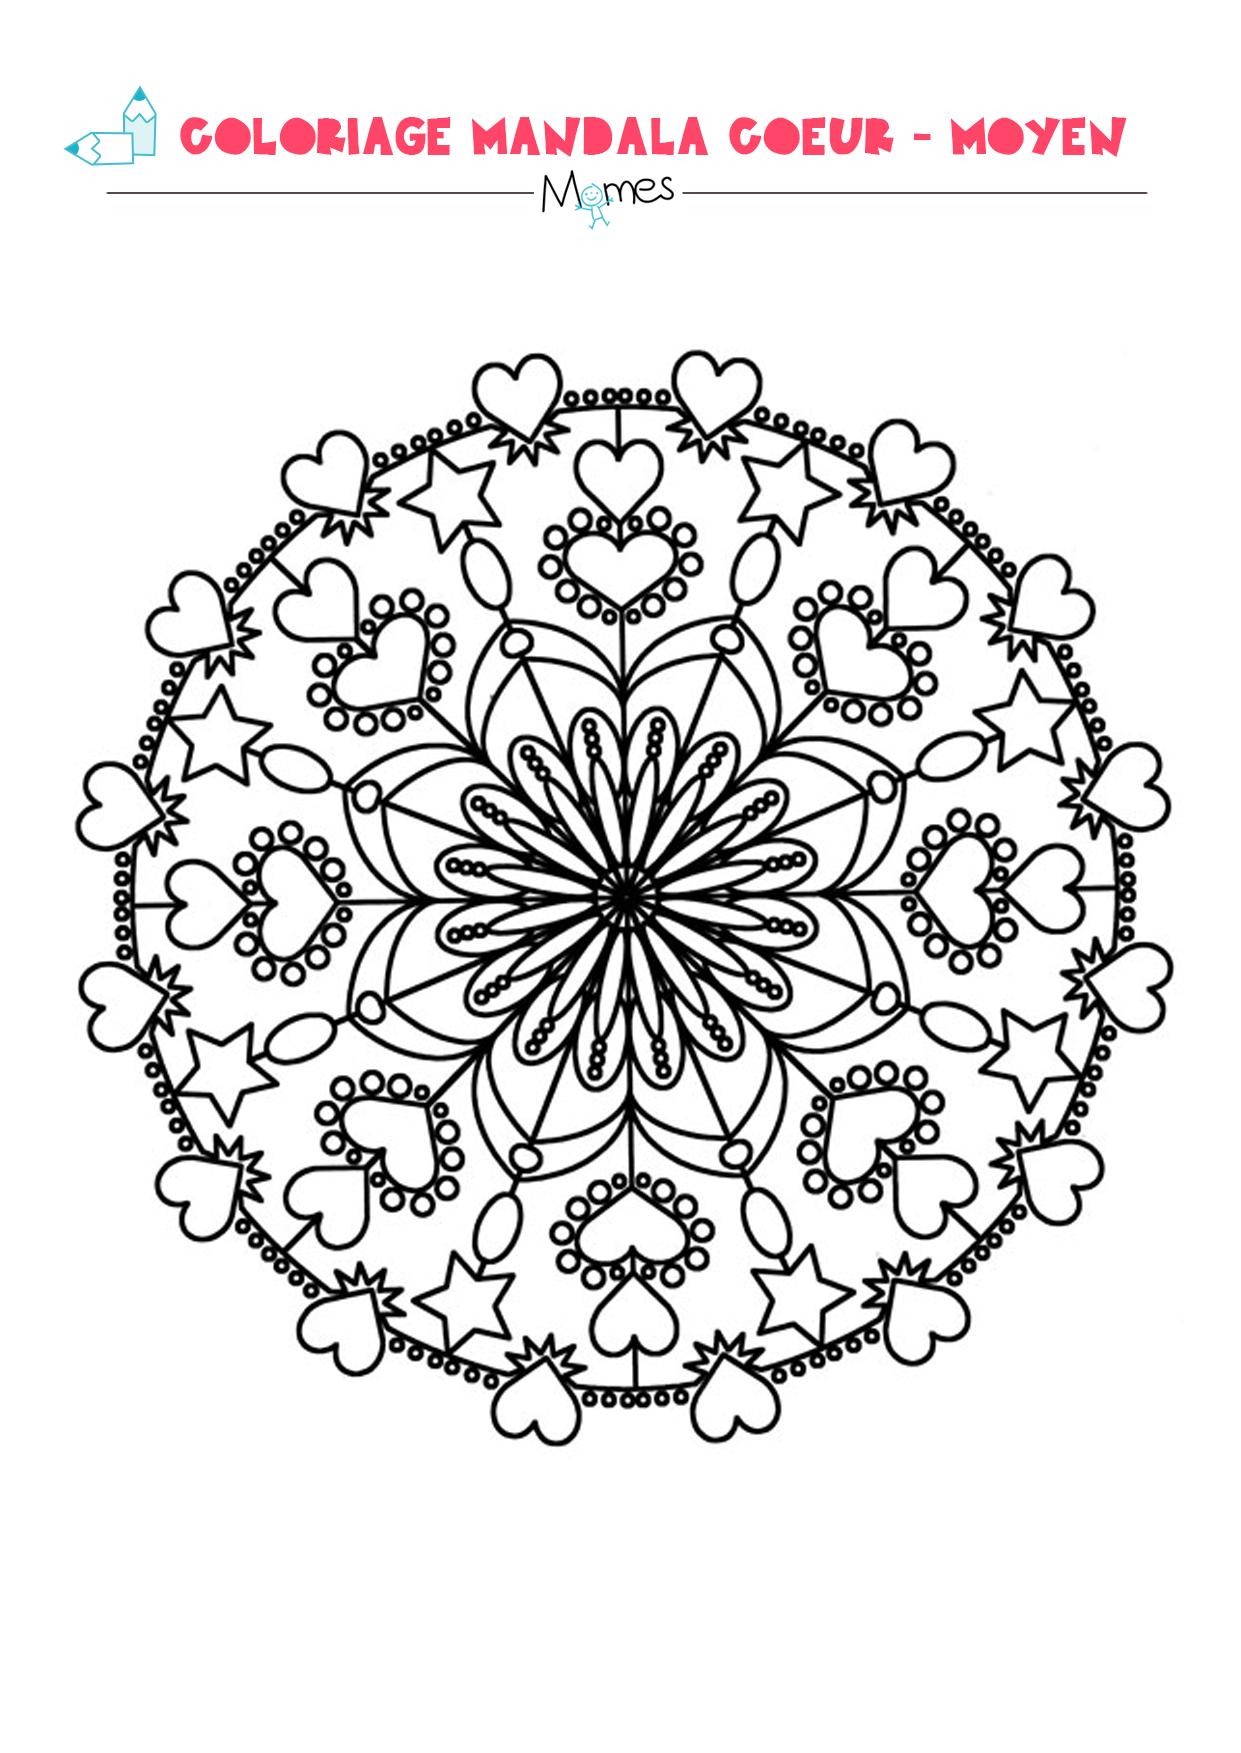 Mandala coeur colorier moyen - Coloriage avec des coeurs ...